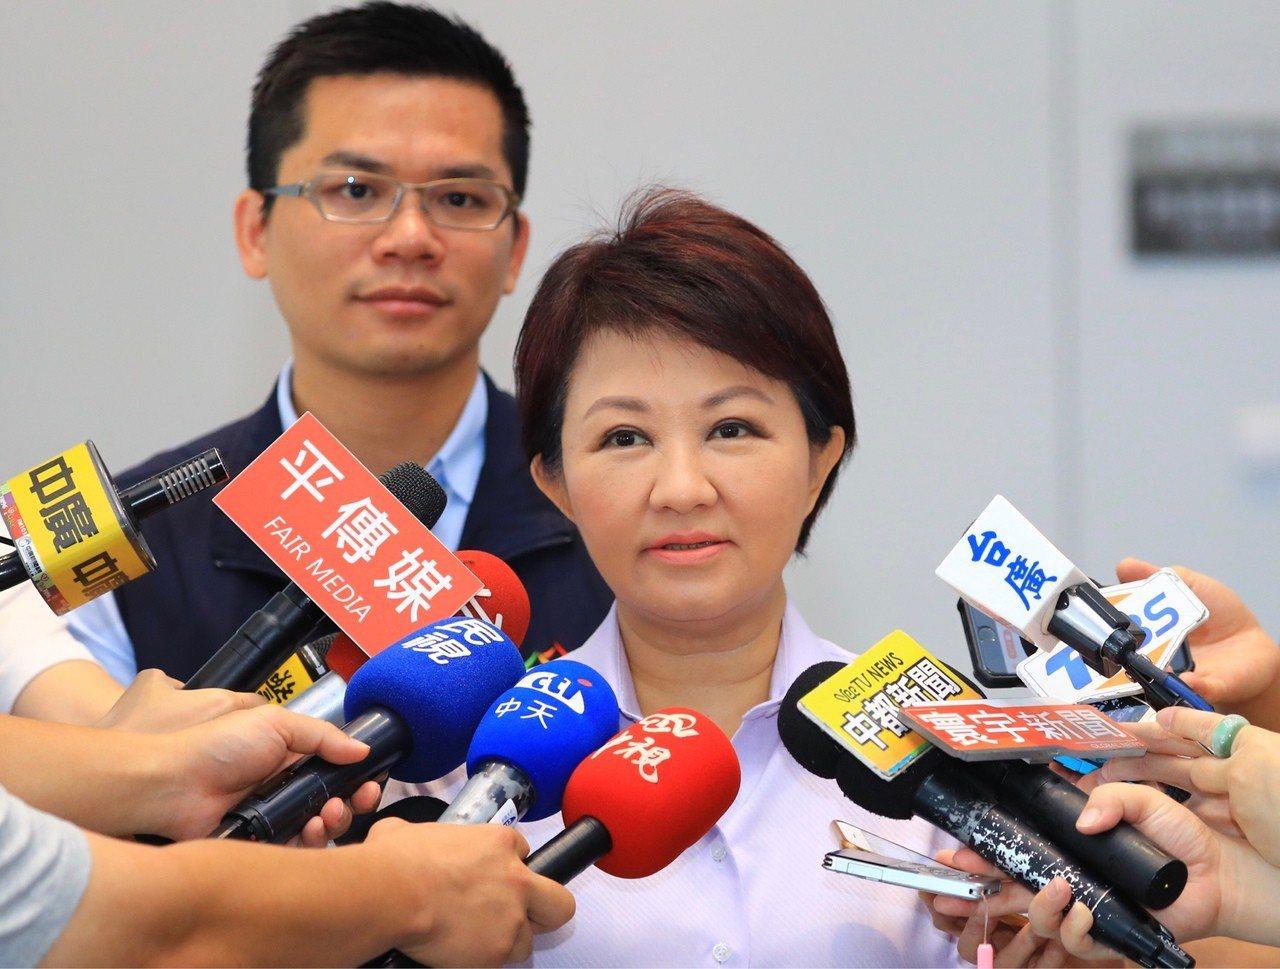 高雄市長韓國瑜拋出總統在高雄辦公的想法,台中市長盧秀燕今早說,不要忘記在台中設總...